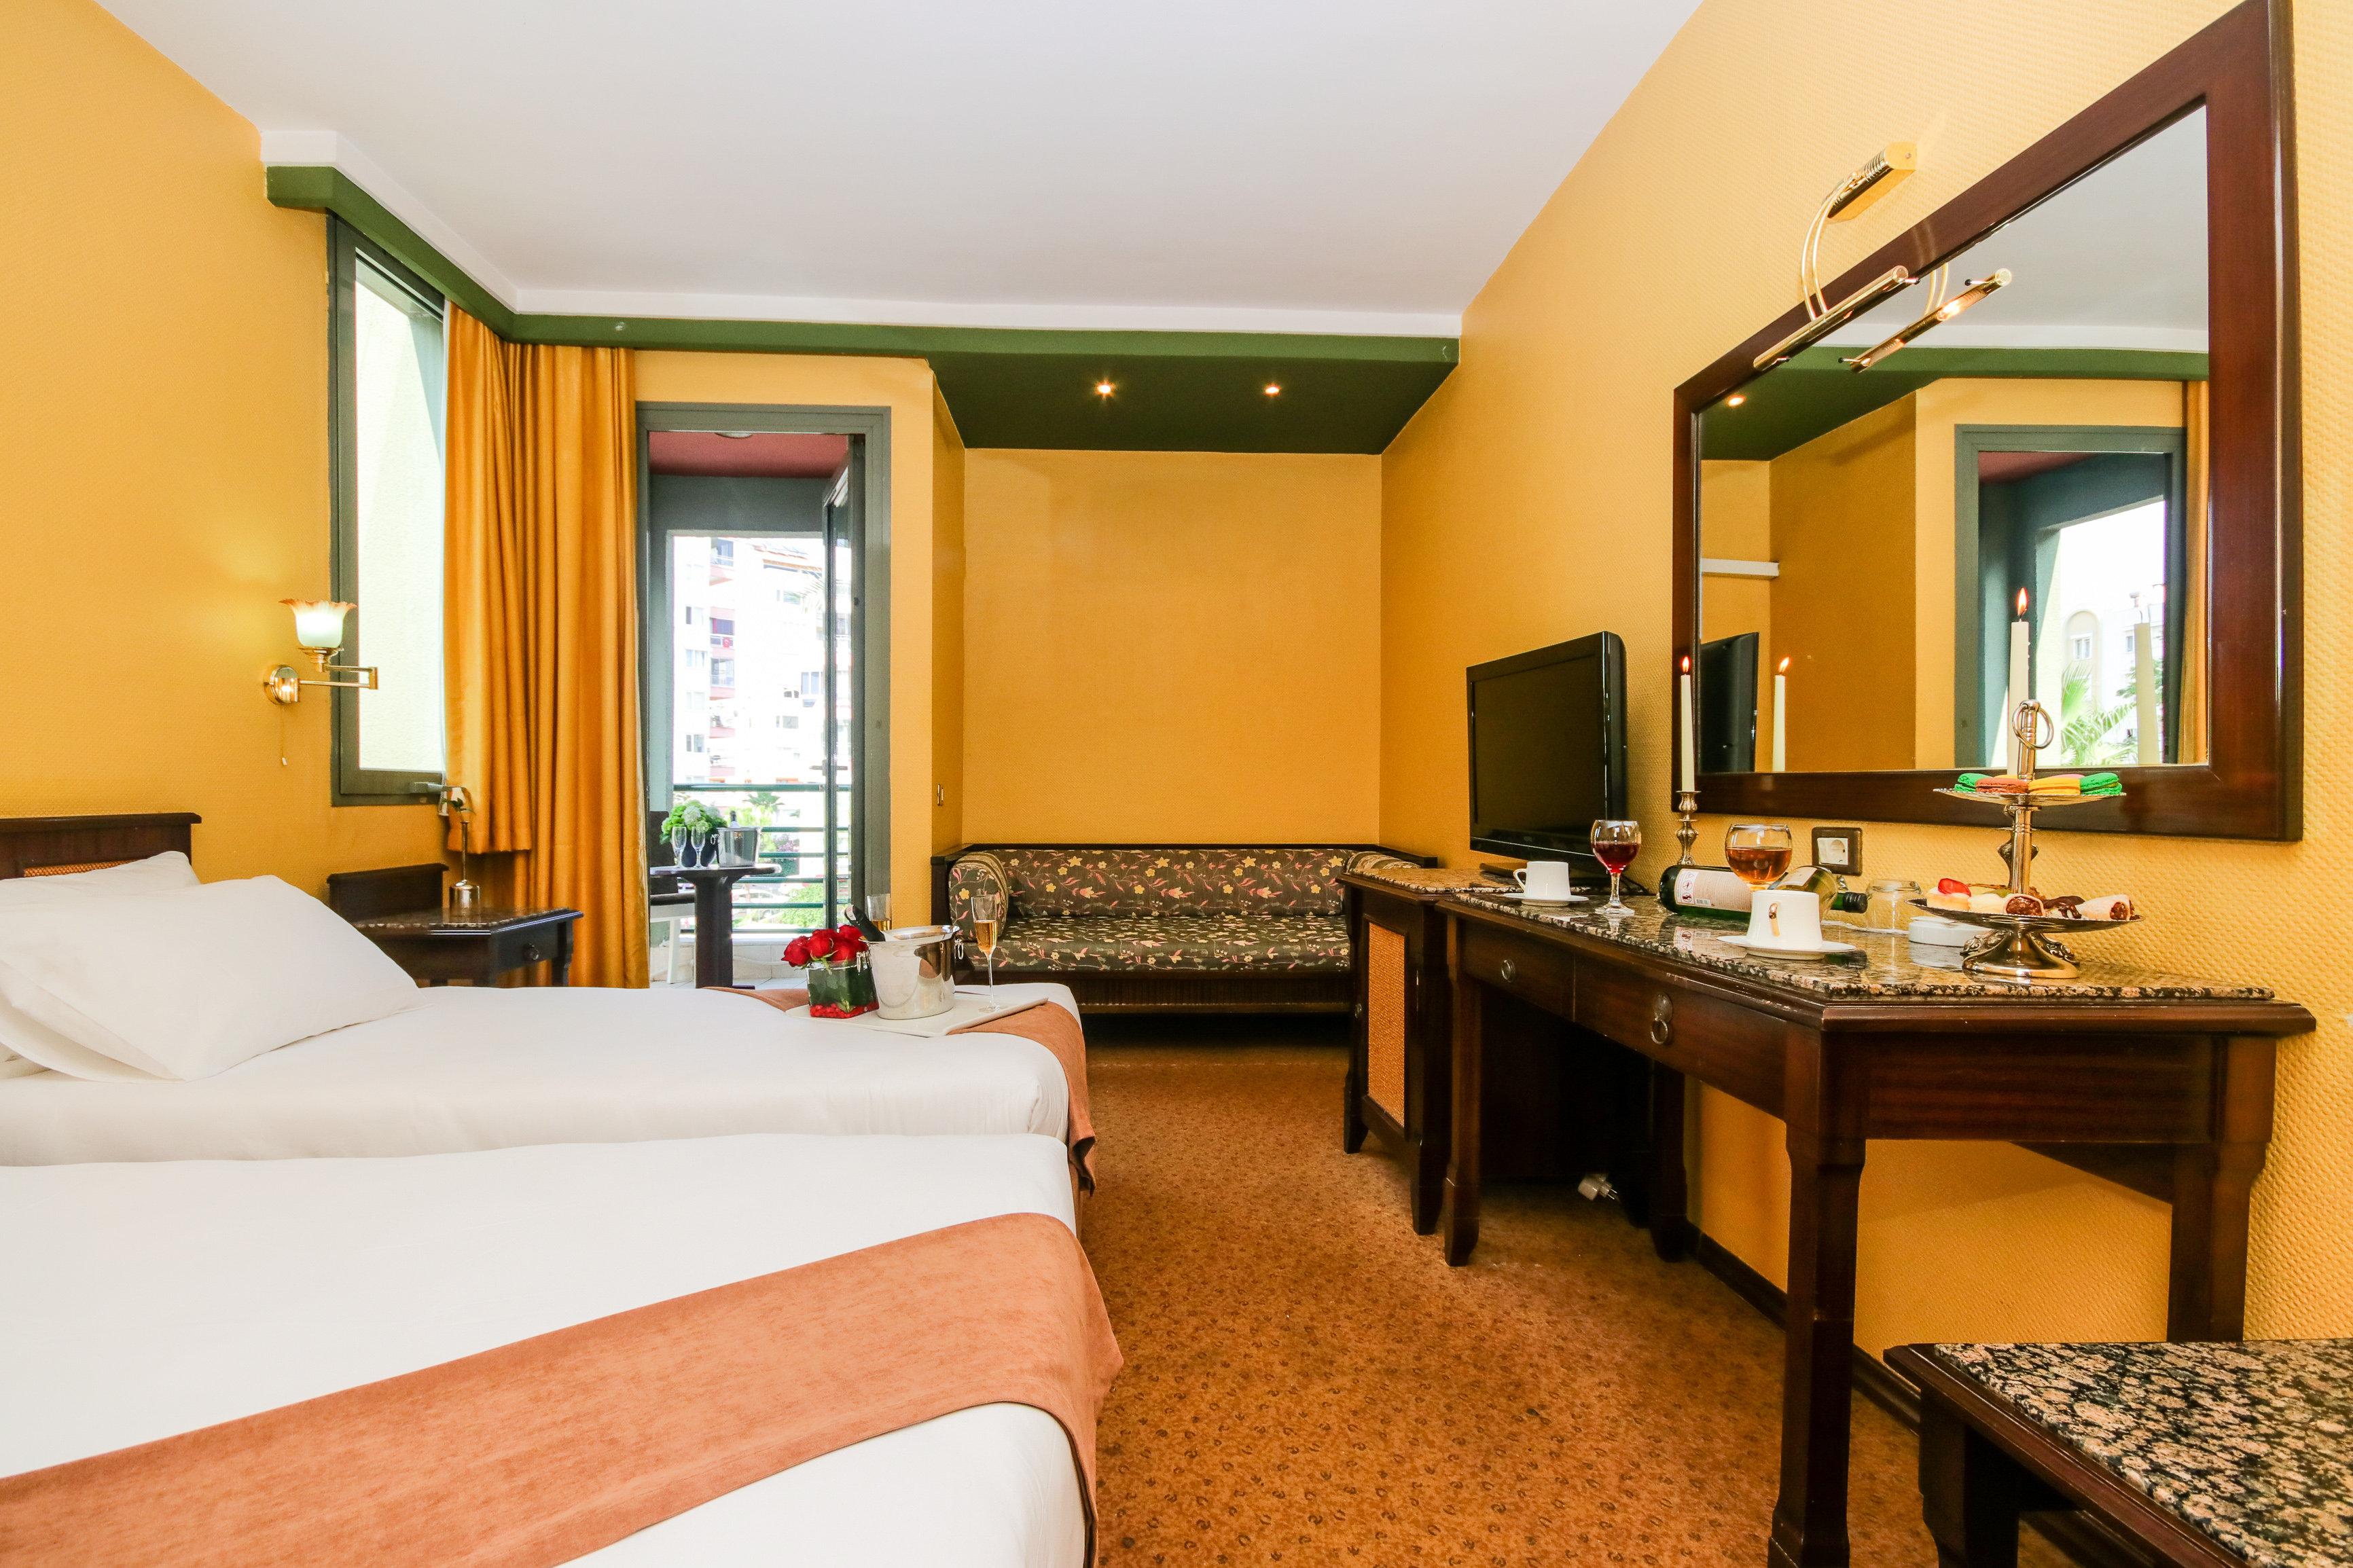 Finden Sie Bei Hrs Das Perfekte Hotel In Antalya